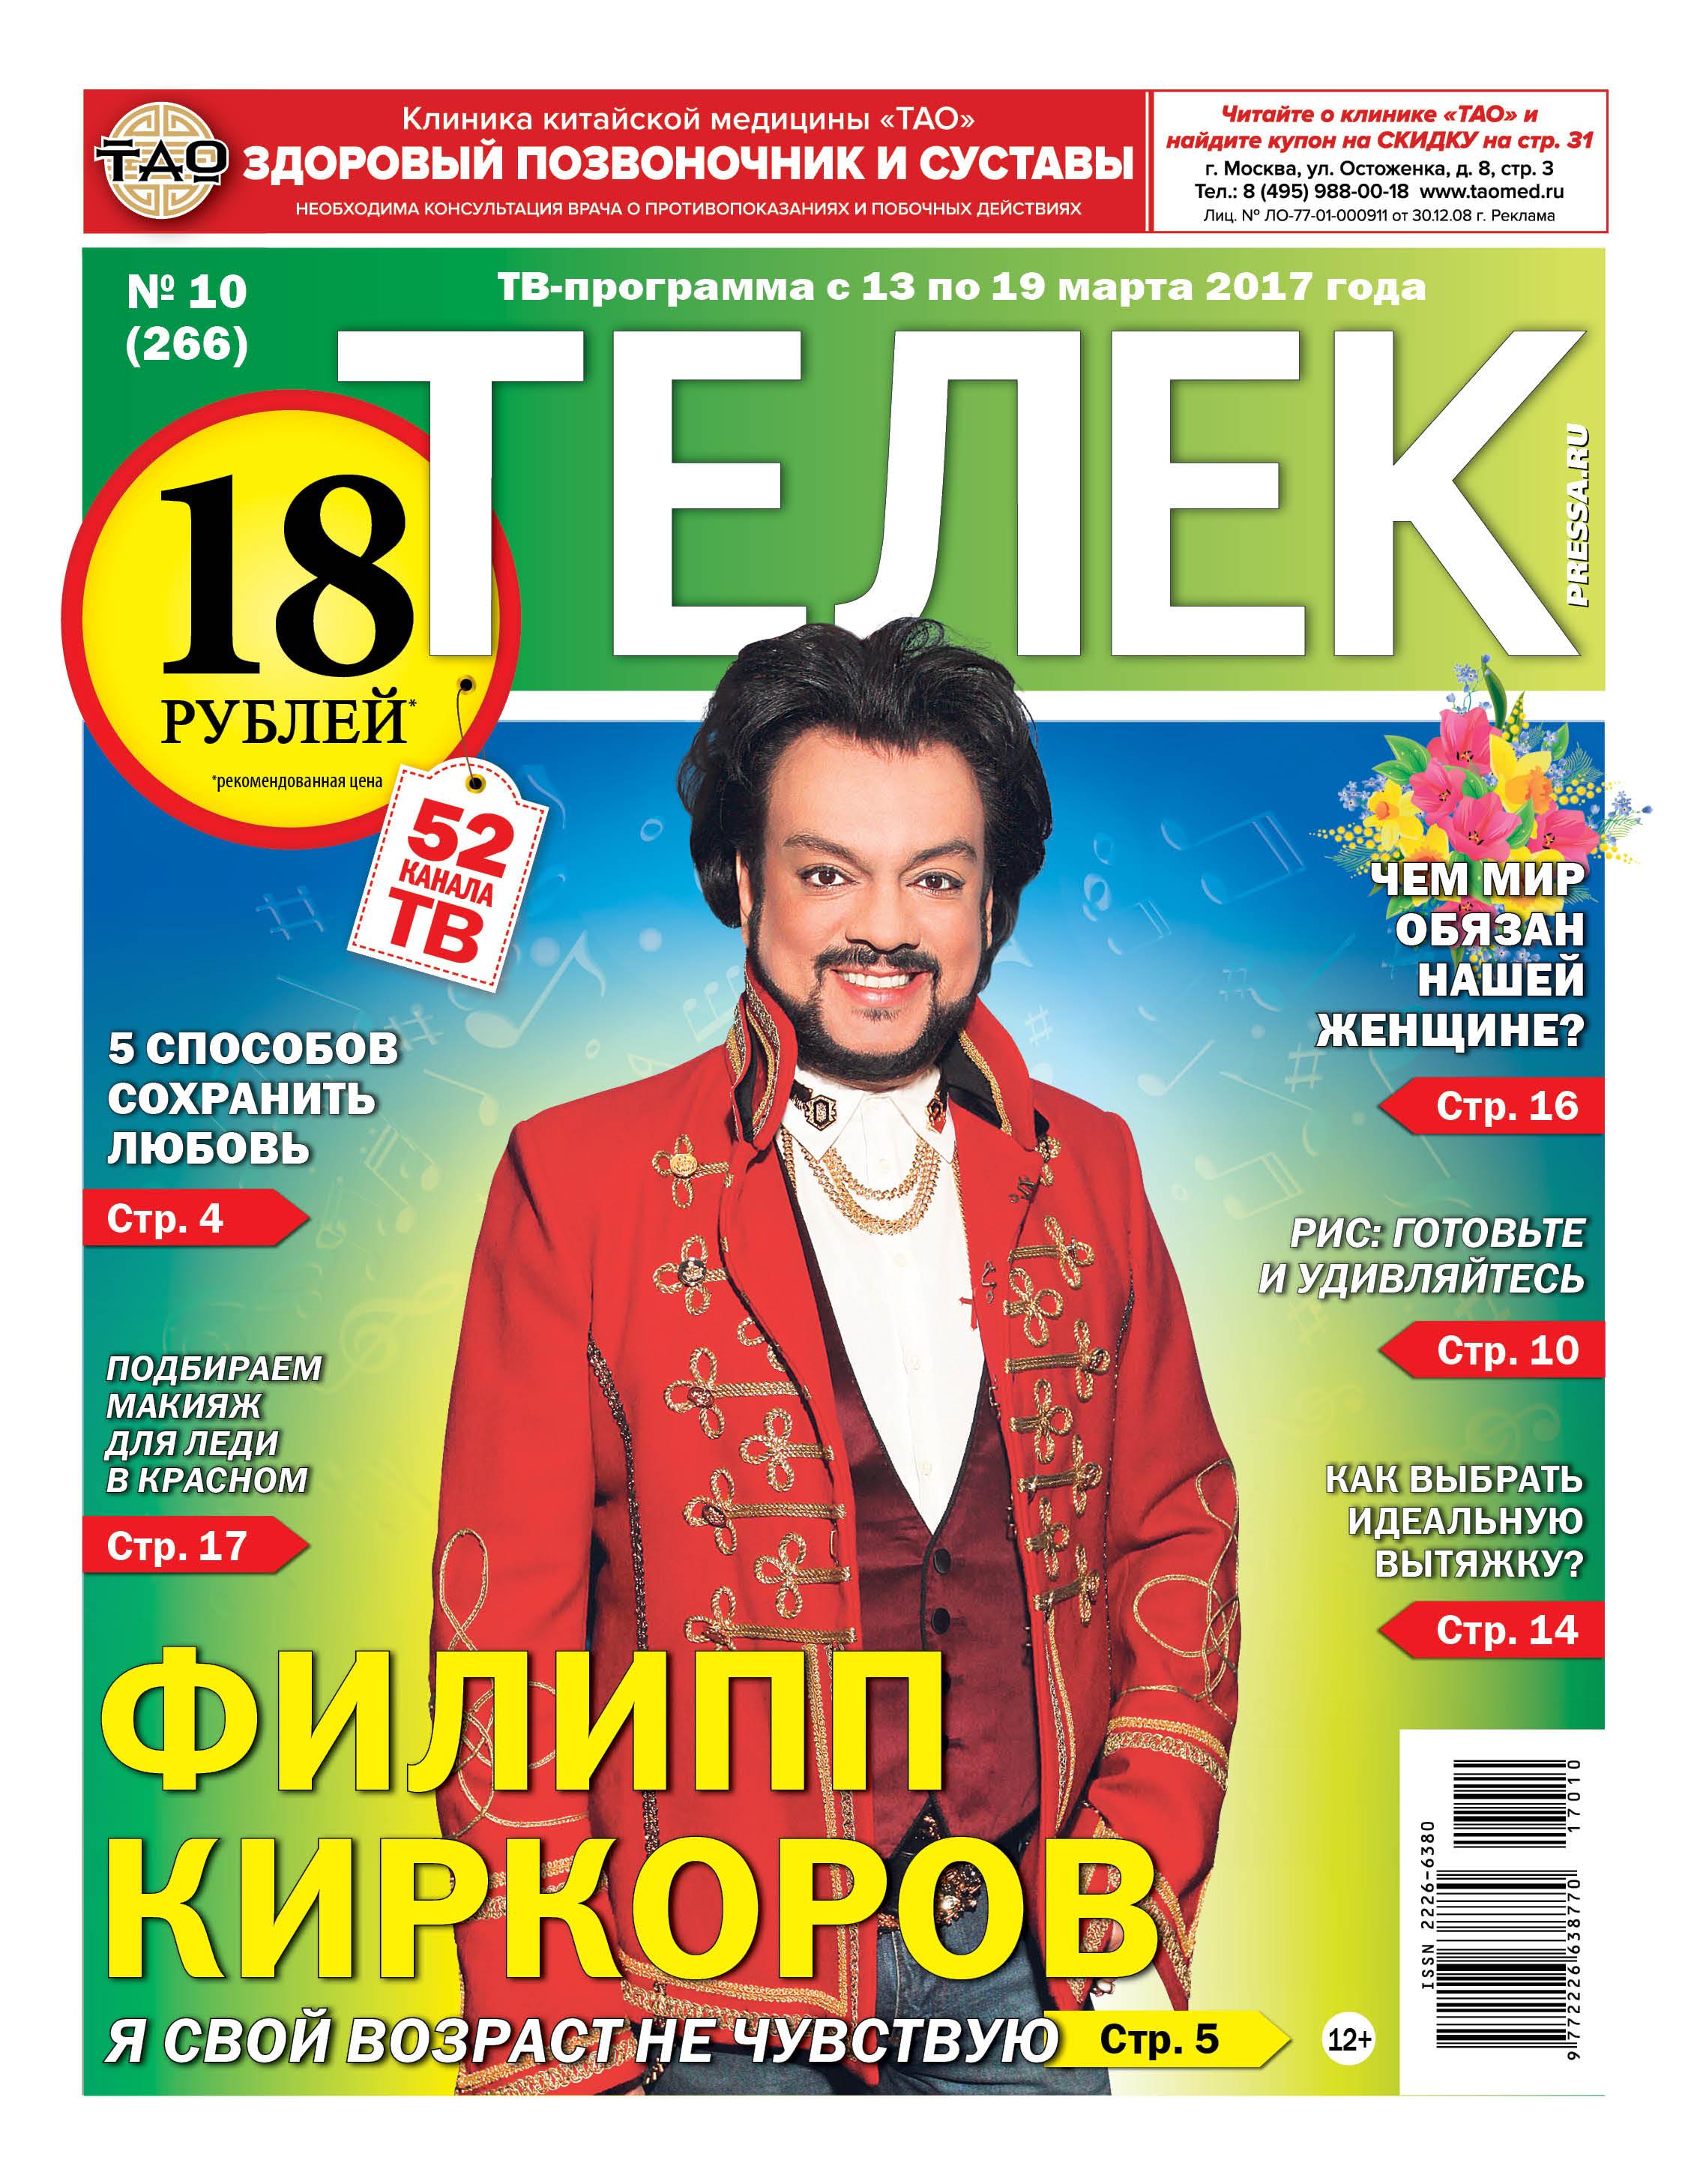 №10 (266) Филипп Киркоров